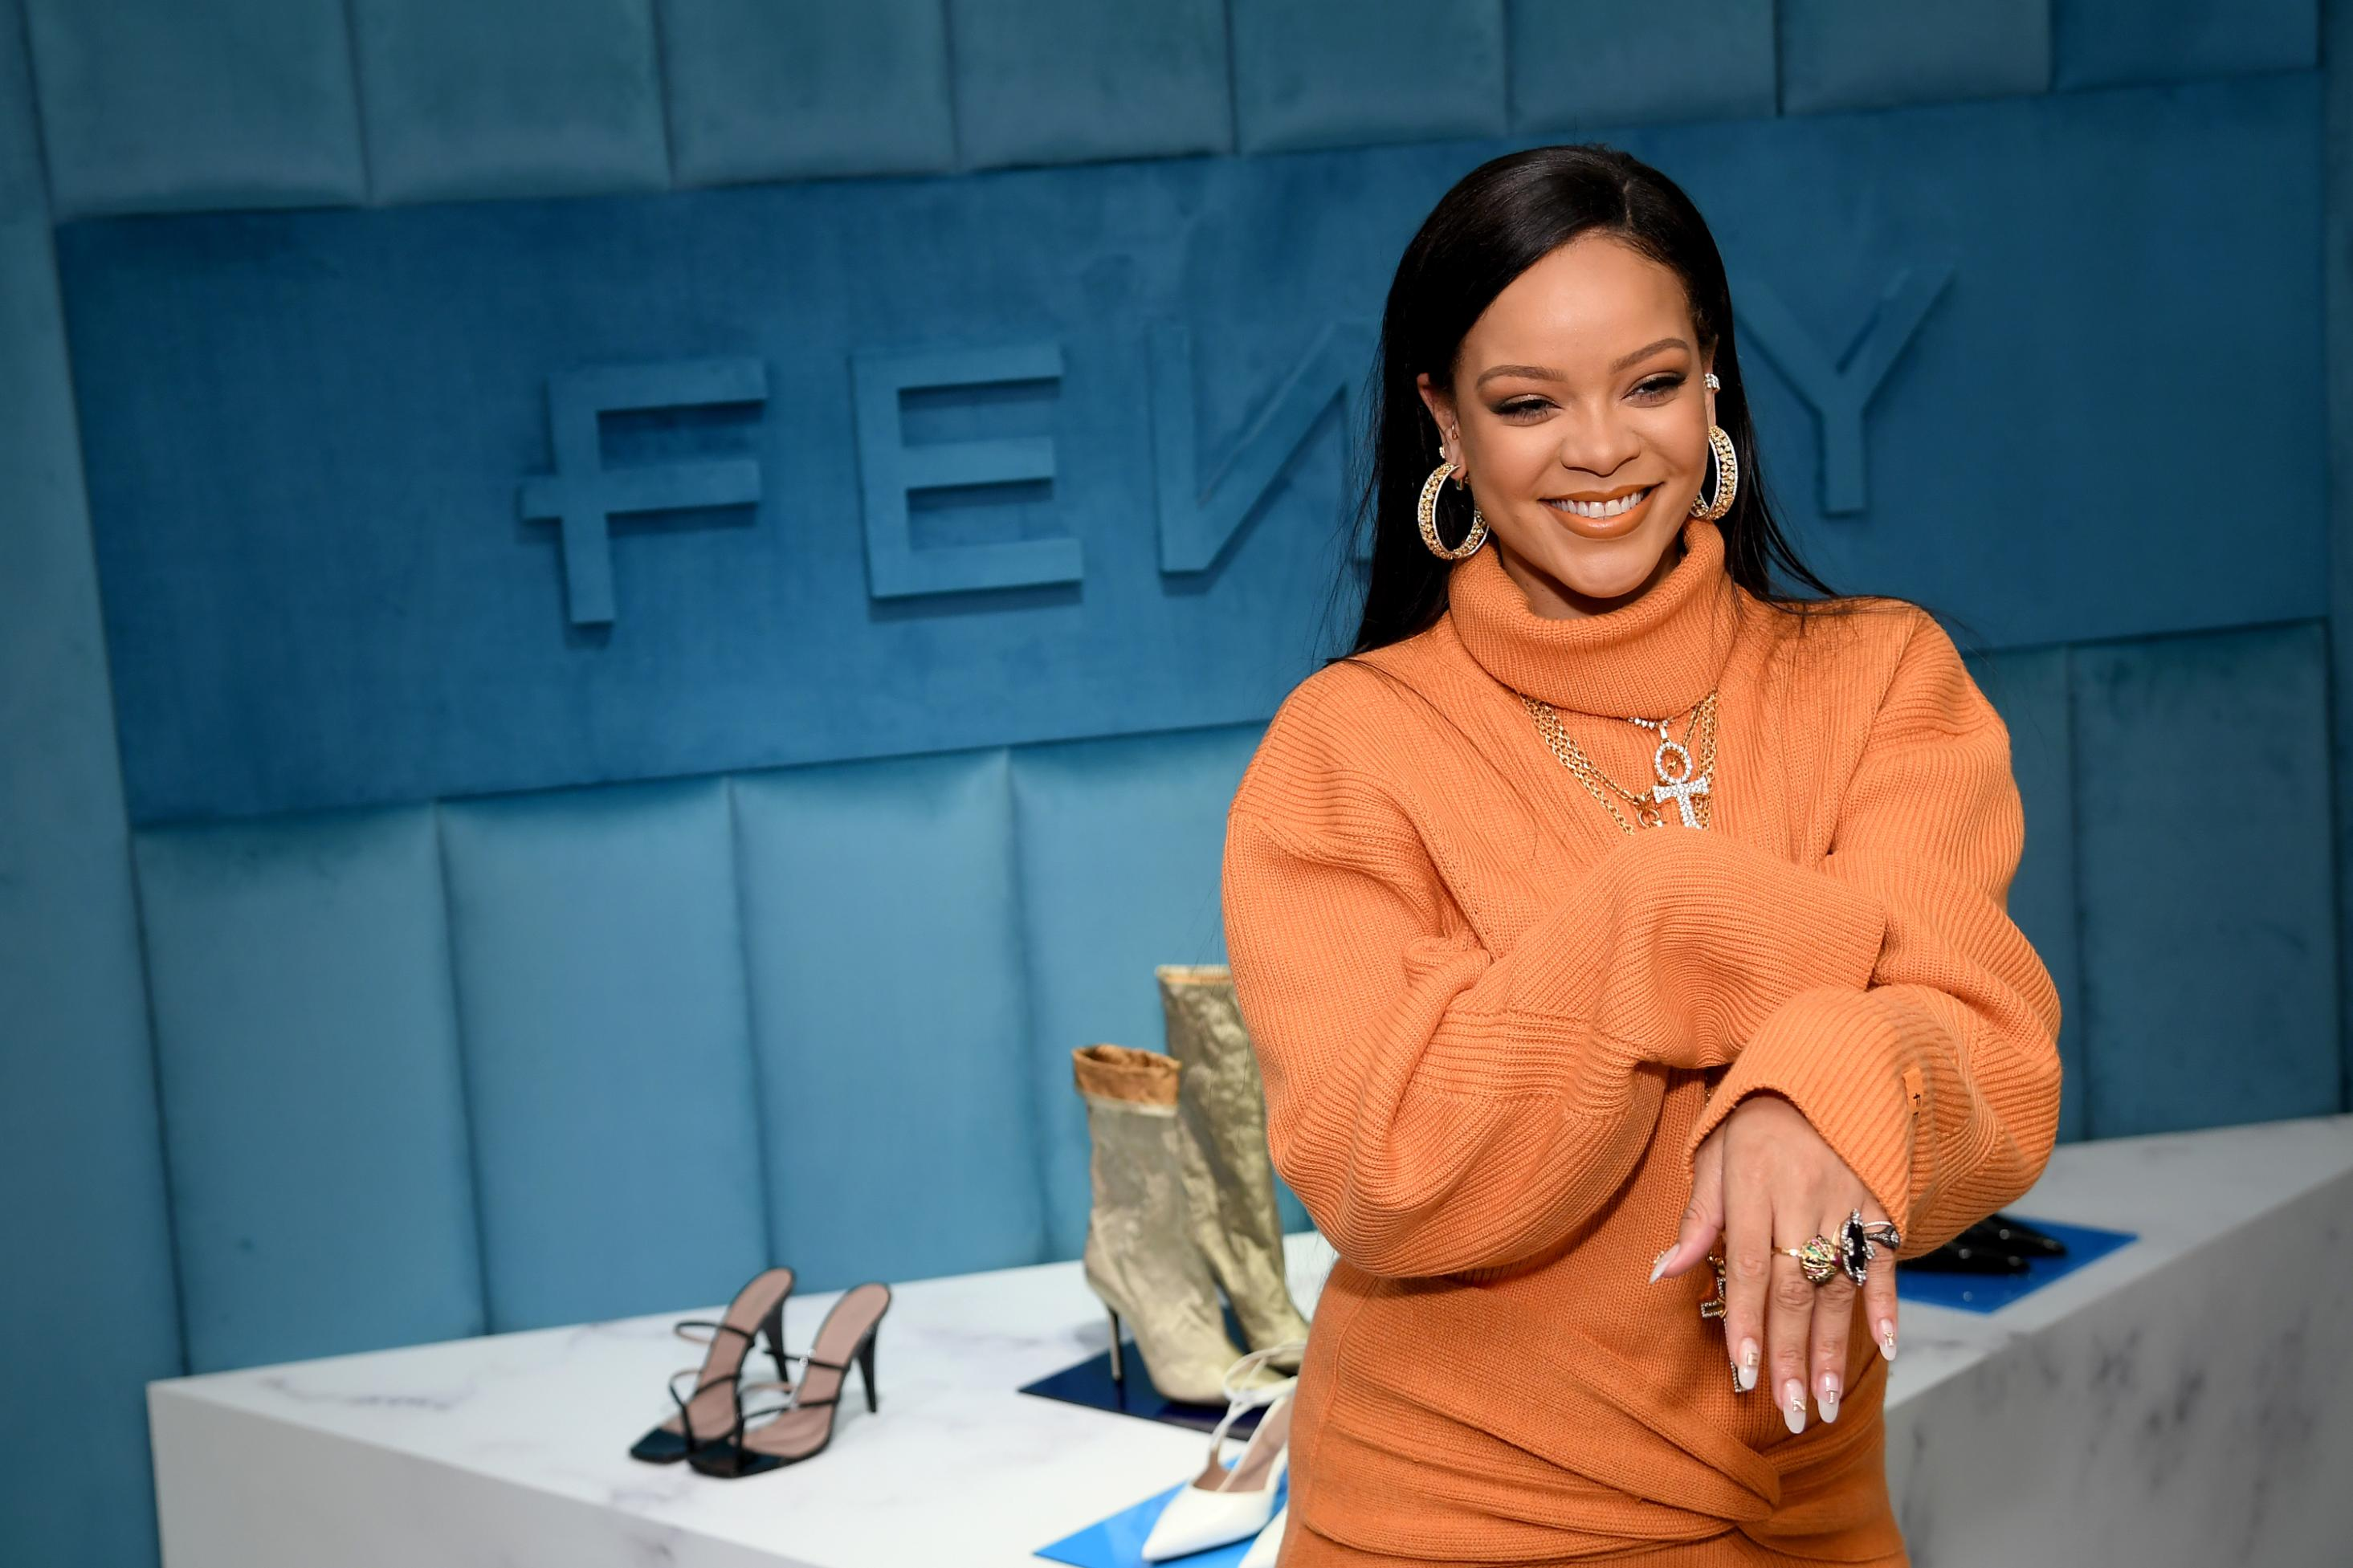 Resultado de imagen para Rihanna fenty fashion